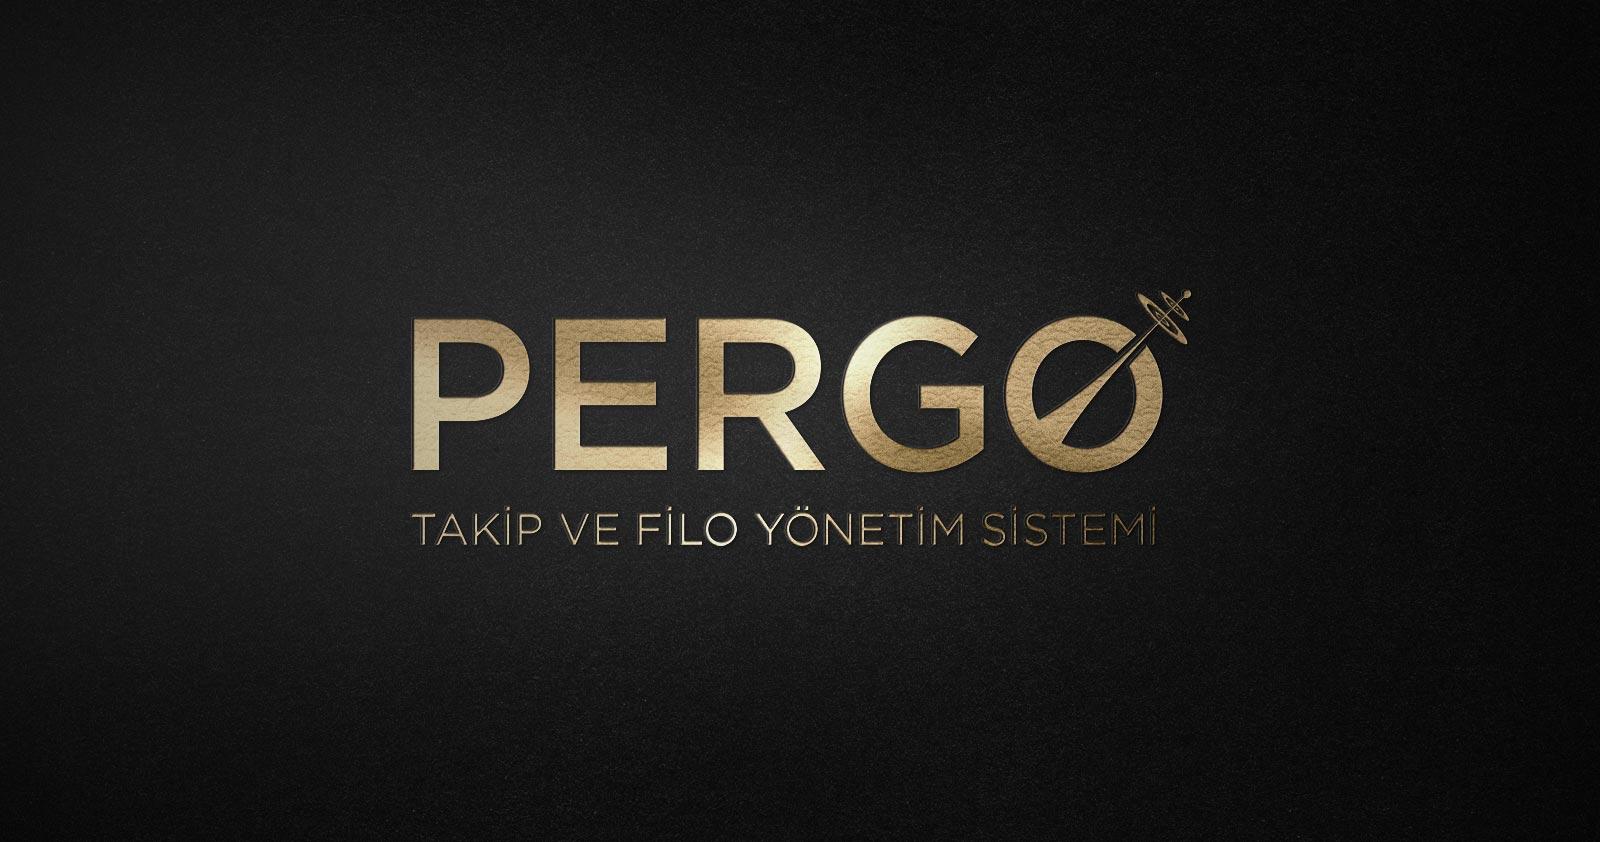 pergo logo tasarımı 01